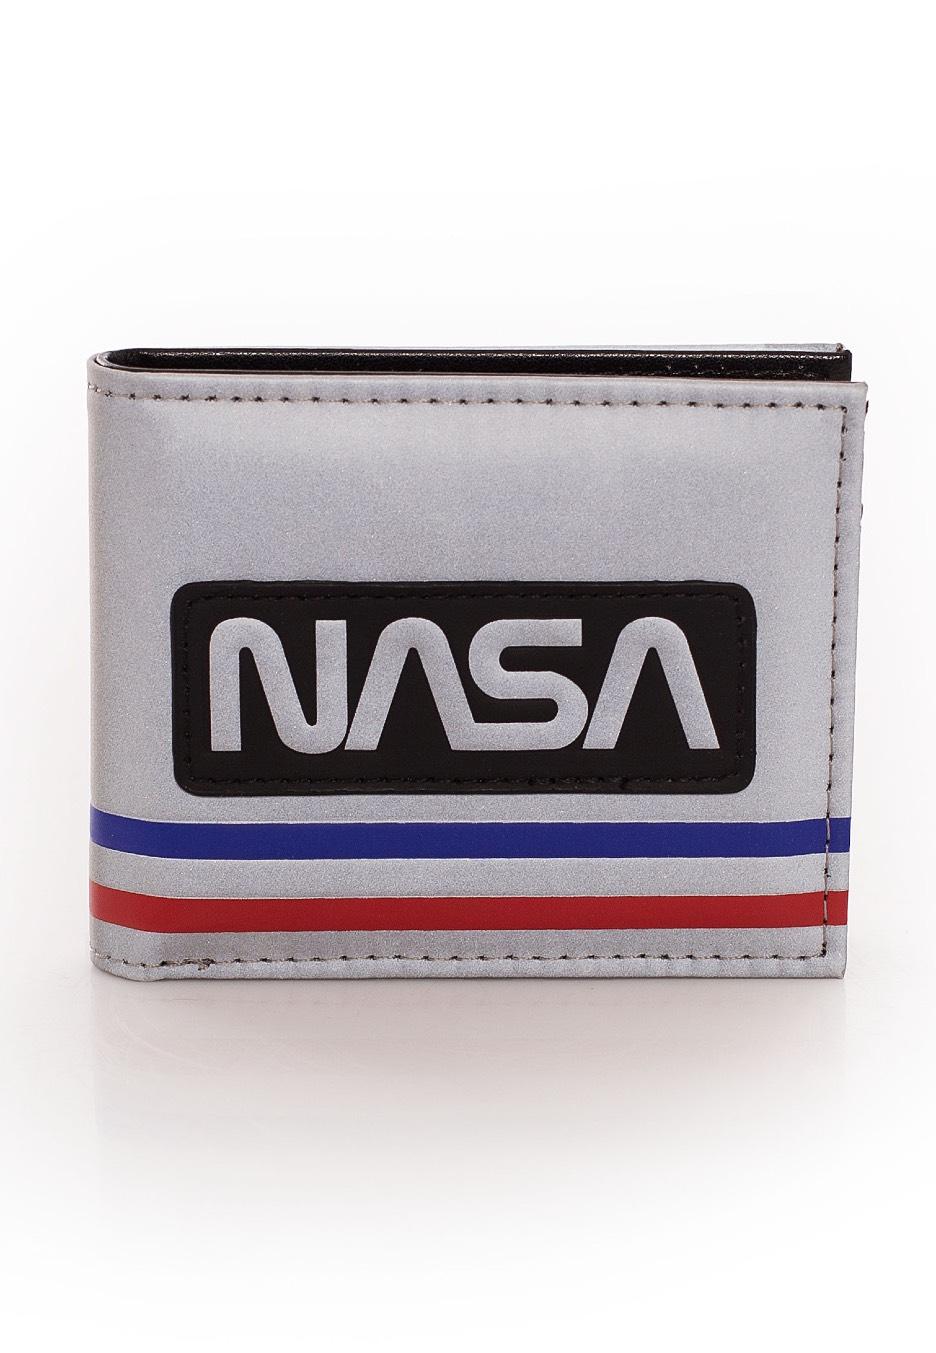 NASA - Logo Bifold - Peněženka - Oficiální obchod s Alternative merchem -  Impericon.com CZ SK c028c95dac